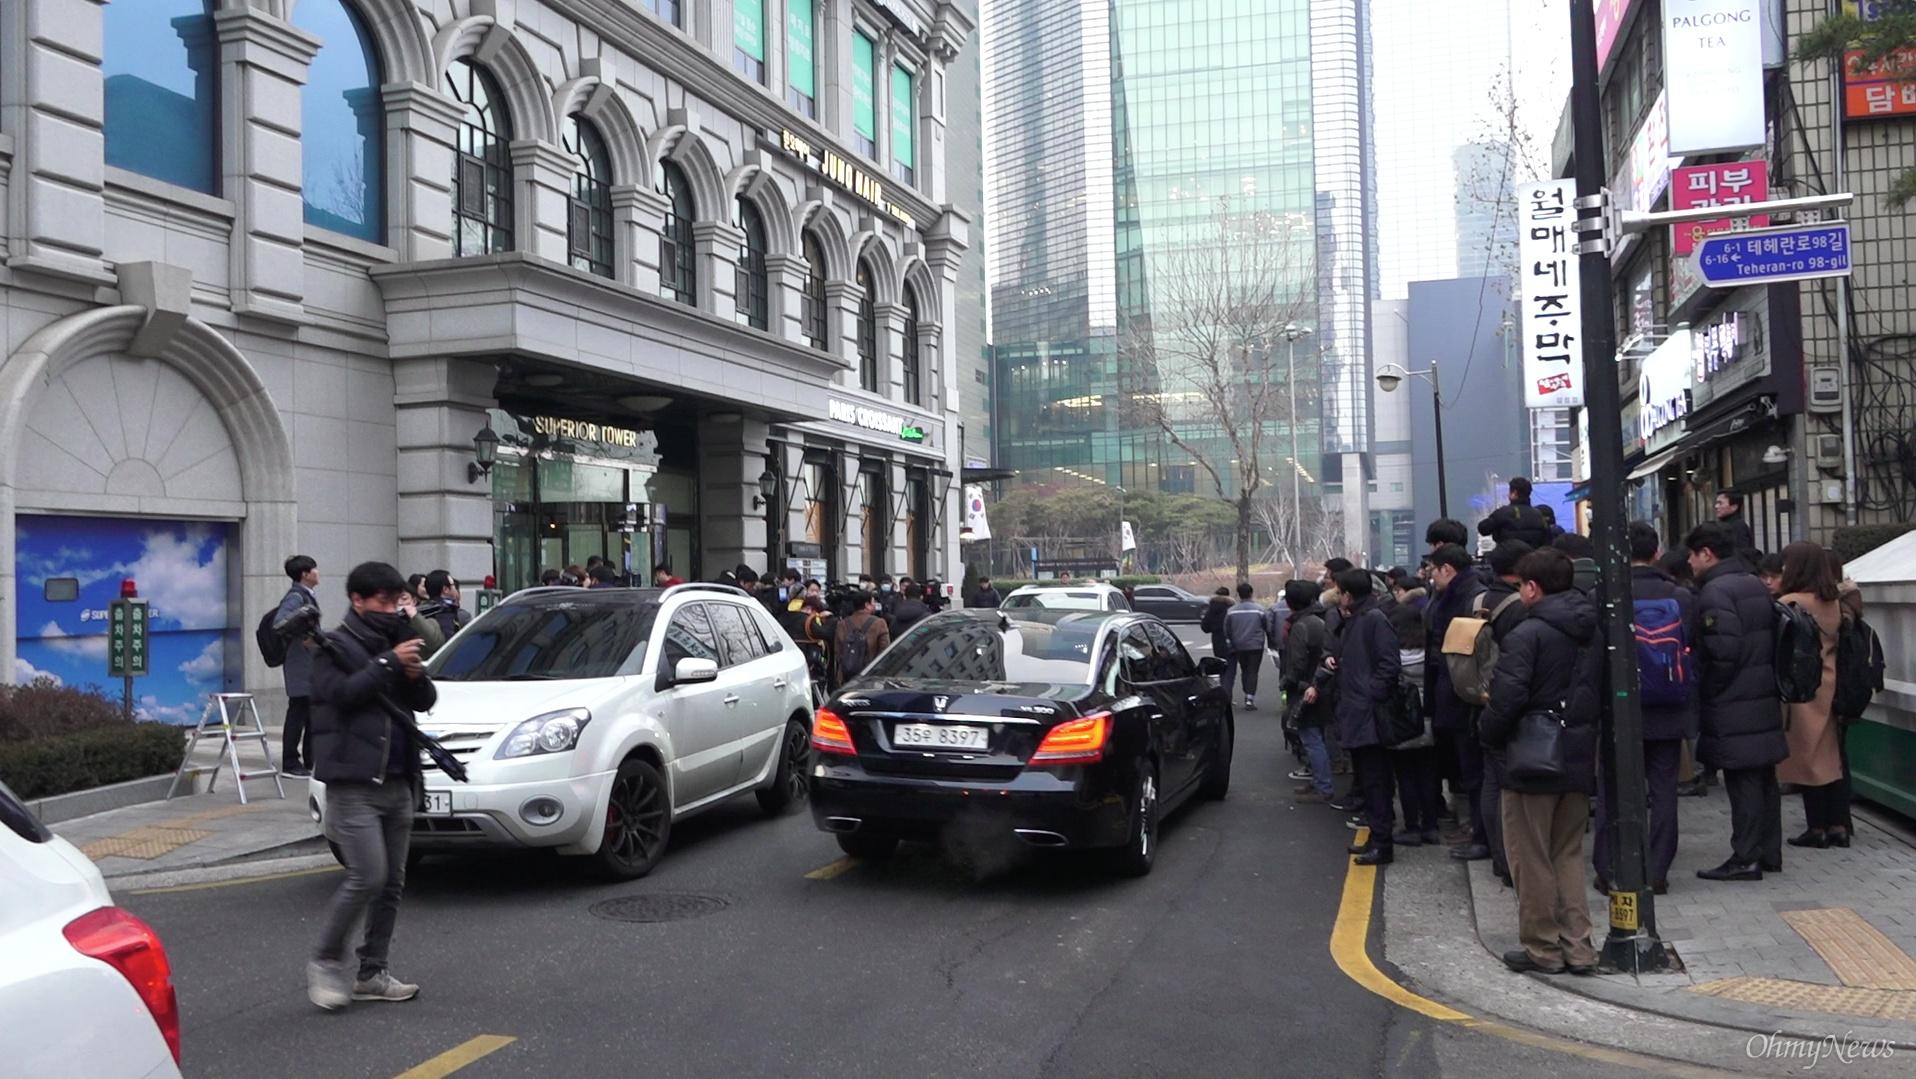 이명박 전 대통령의 기자회견을 취재하려고 사무실 건물 밖에서 진을 치고 있는 기자들.